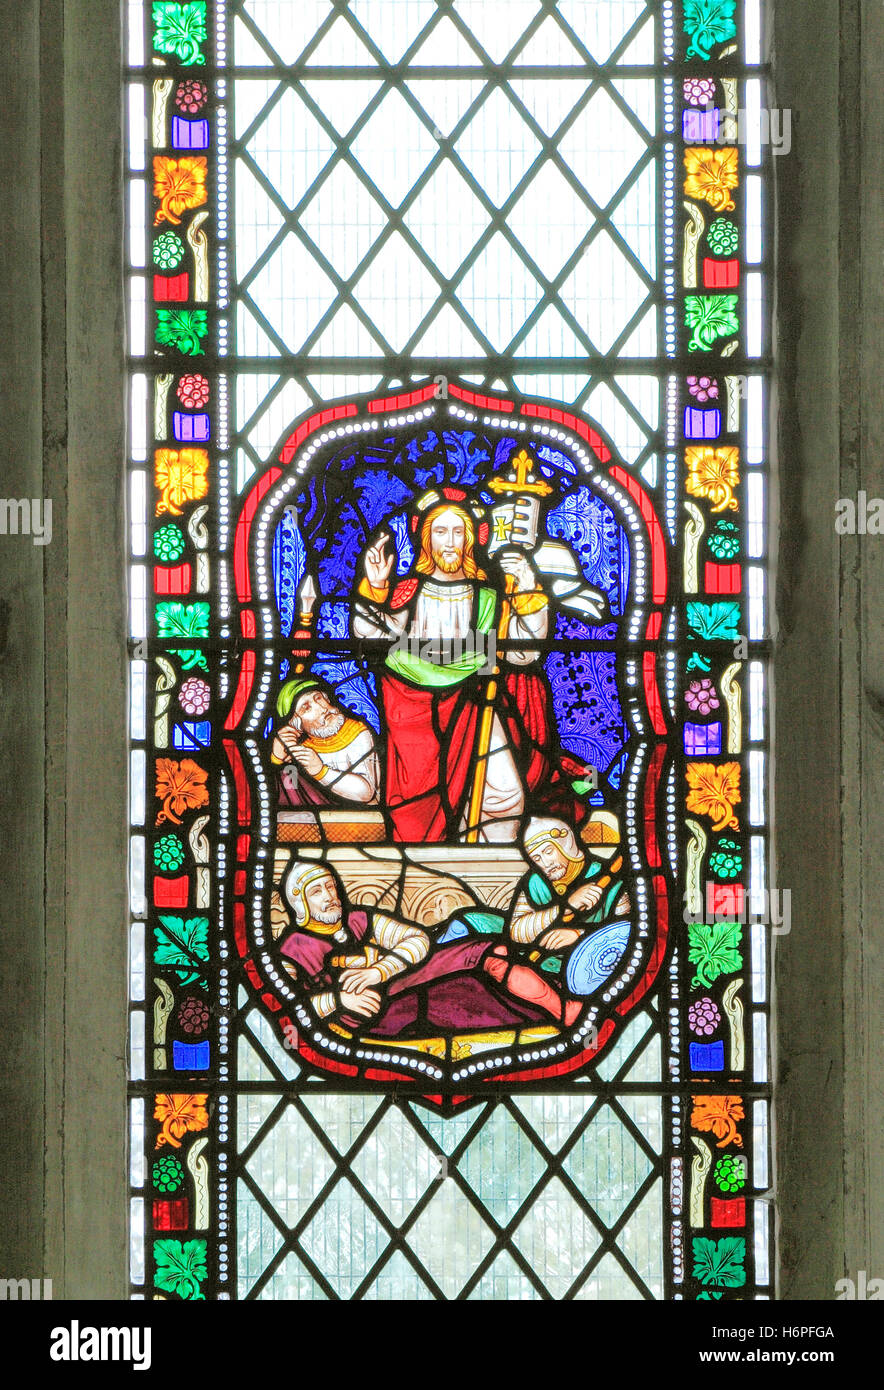 La risurrezione di Gesù Cristo, guardie romane, vetrata, 1860, Fakenham, Norfolk, Inghilterra vittoriana, Immagini Stock